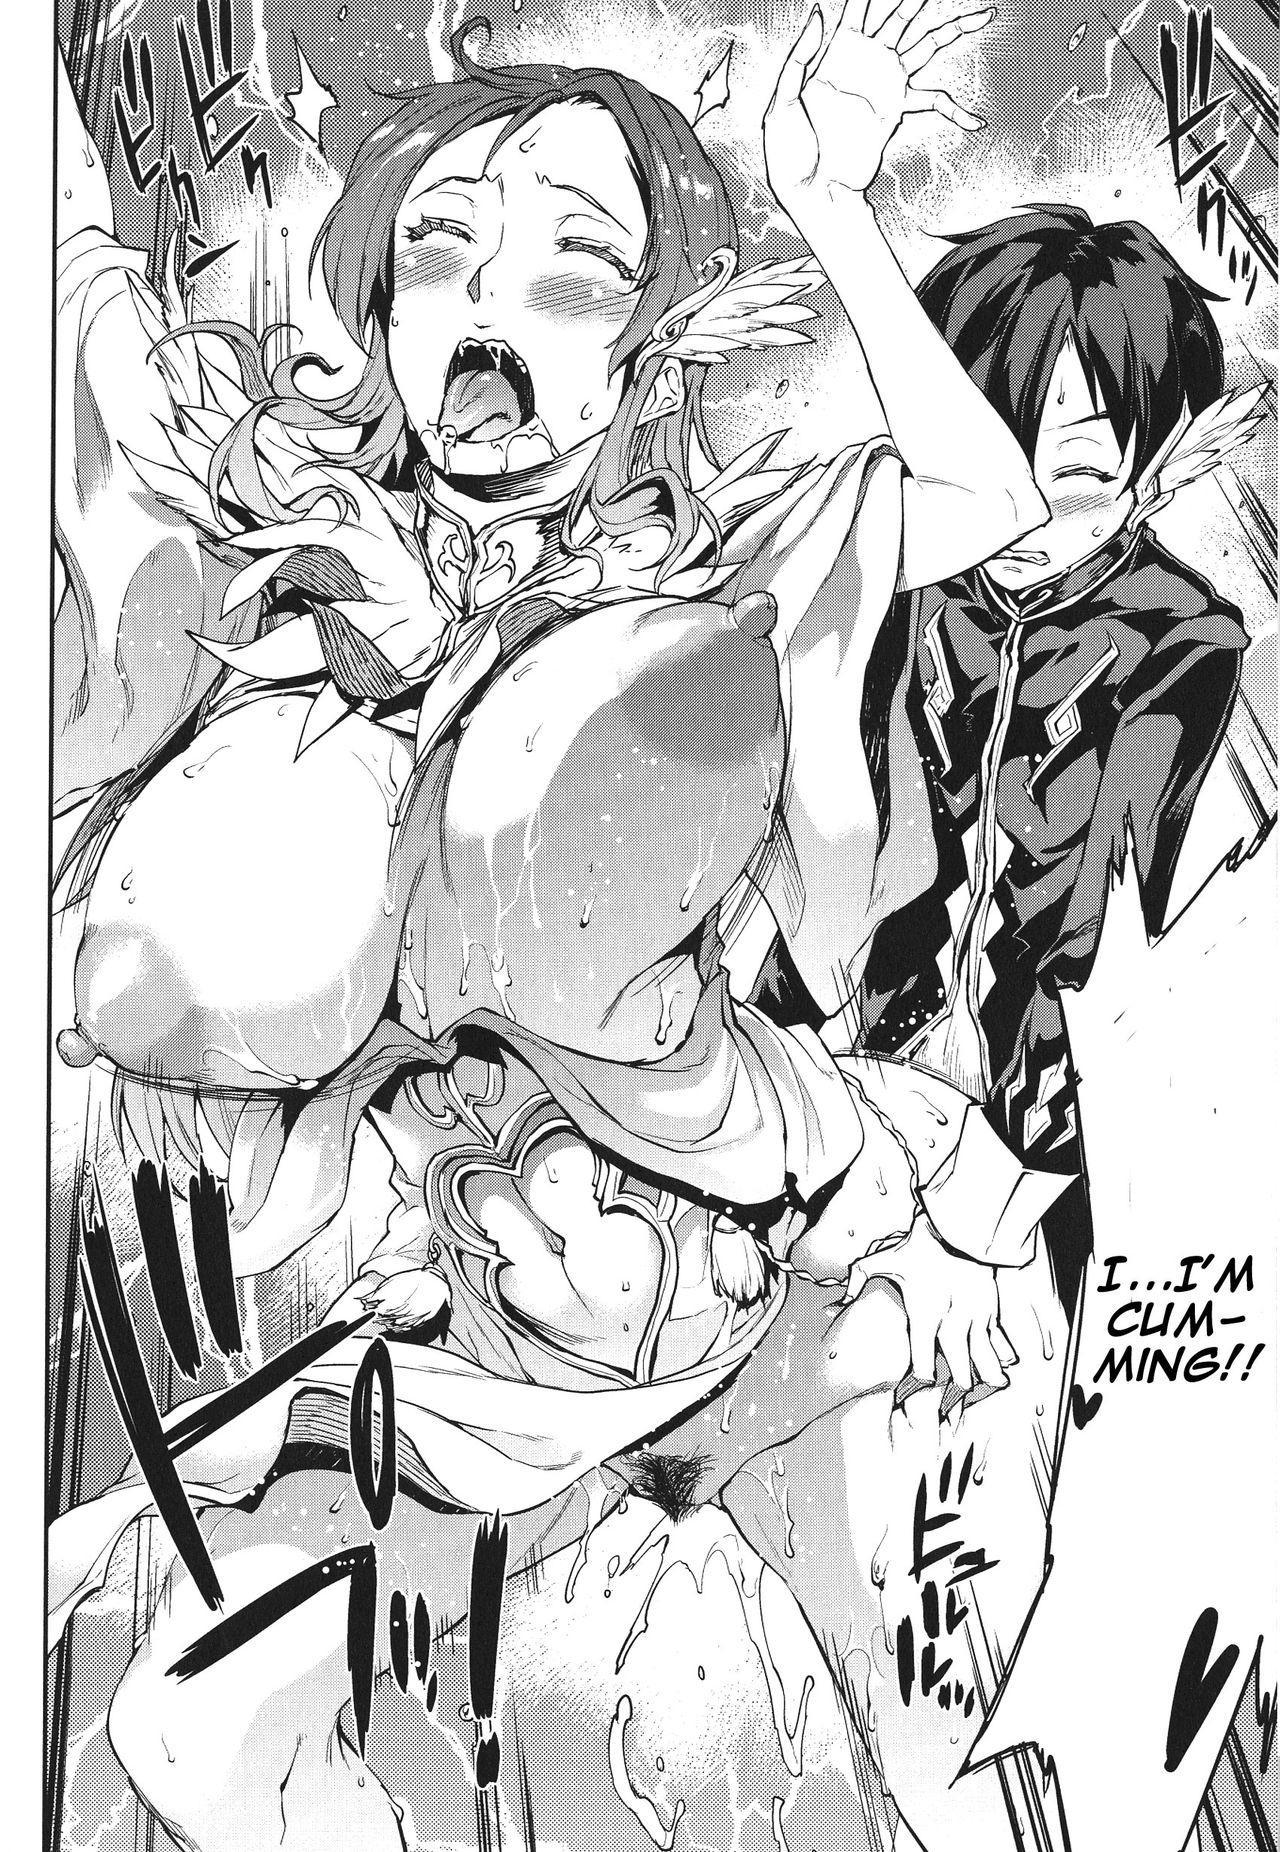 [Erect Sawaru] Raikou Shinki Igis Magia -PANDRA saga 3rd ignition- Ch. 1-7 + Medousa [English] [CGrascal] 77